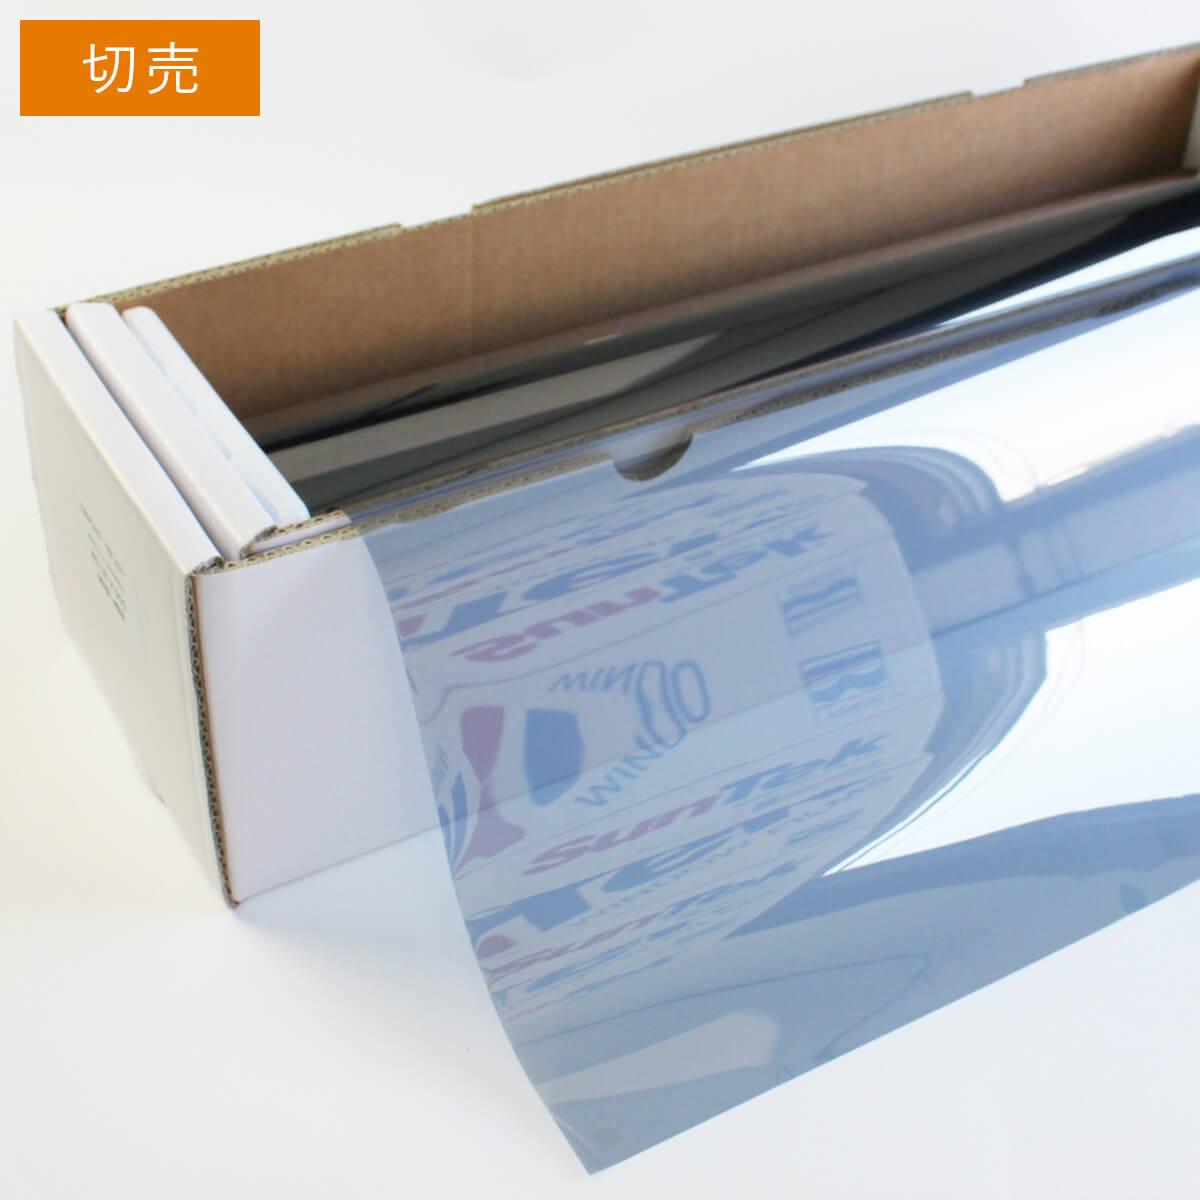 ウィンドウフィルム 窓ガラスフィルムスパッタシルバー50 50cm幅×1m単位切売 遮熱フィルム 断熱フィルム UVカットフィルム ブレインテック Braintec